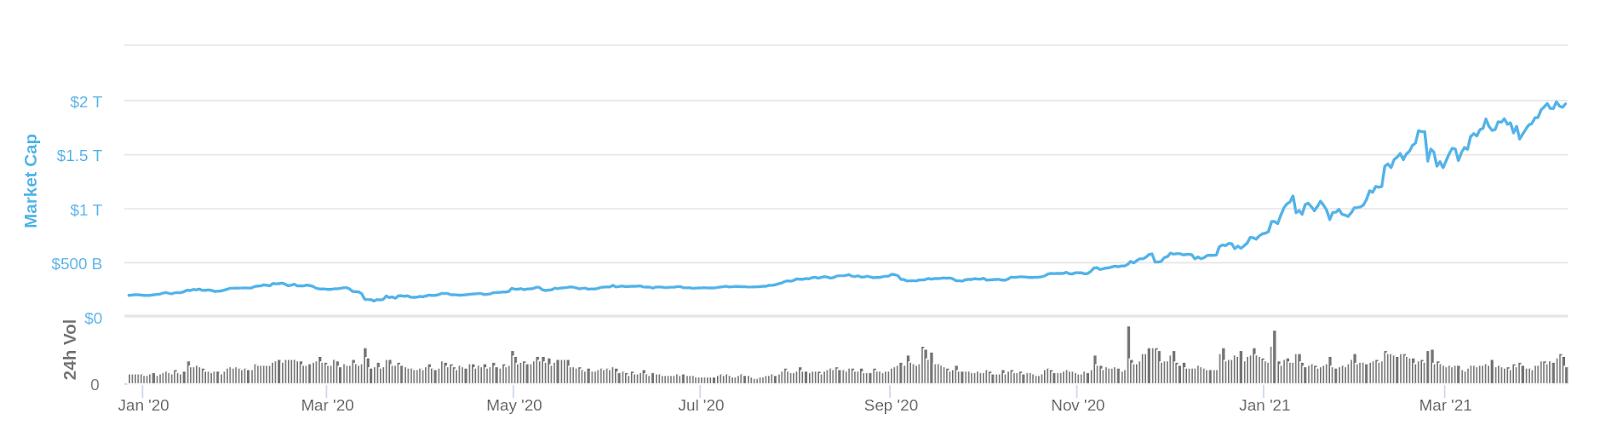 Рыночная капитализация криптовалюты подскочила со 190 млрд до 2 трлн за один год.